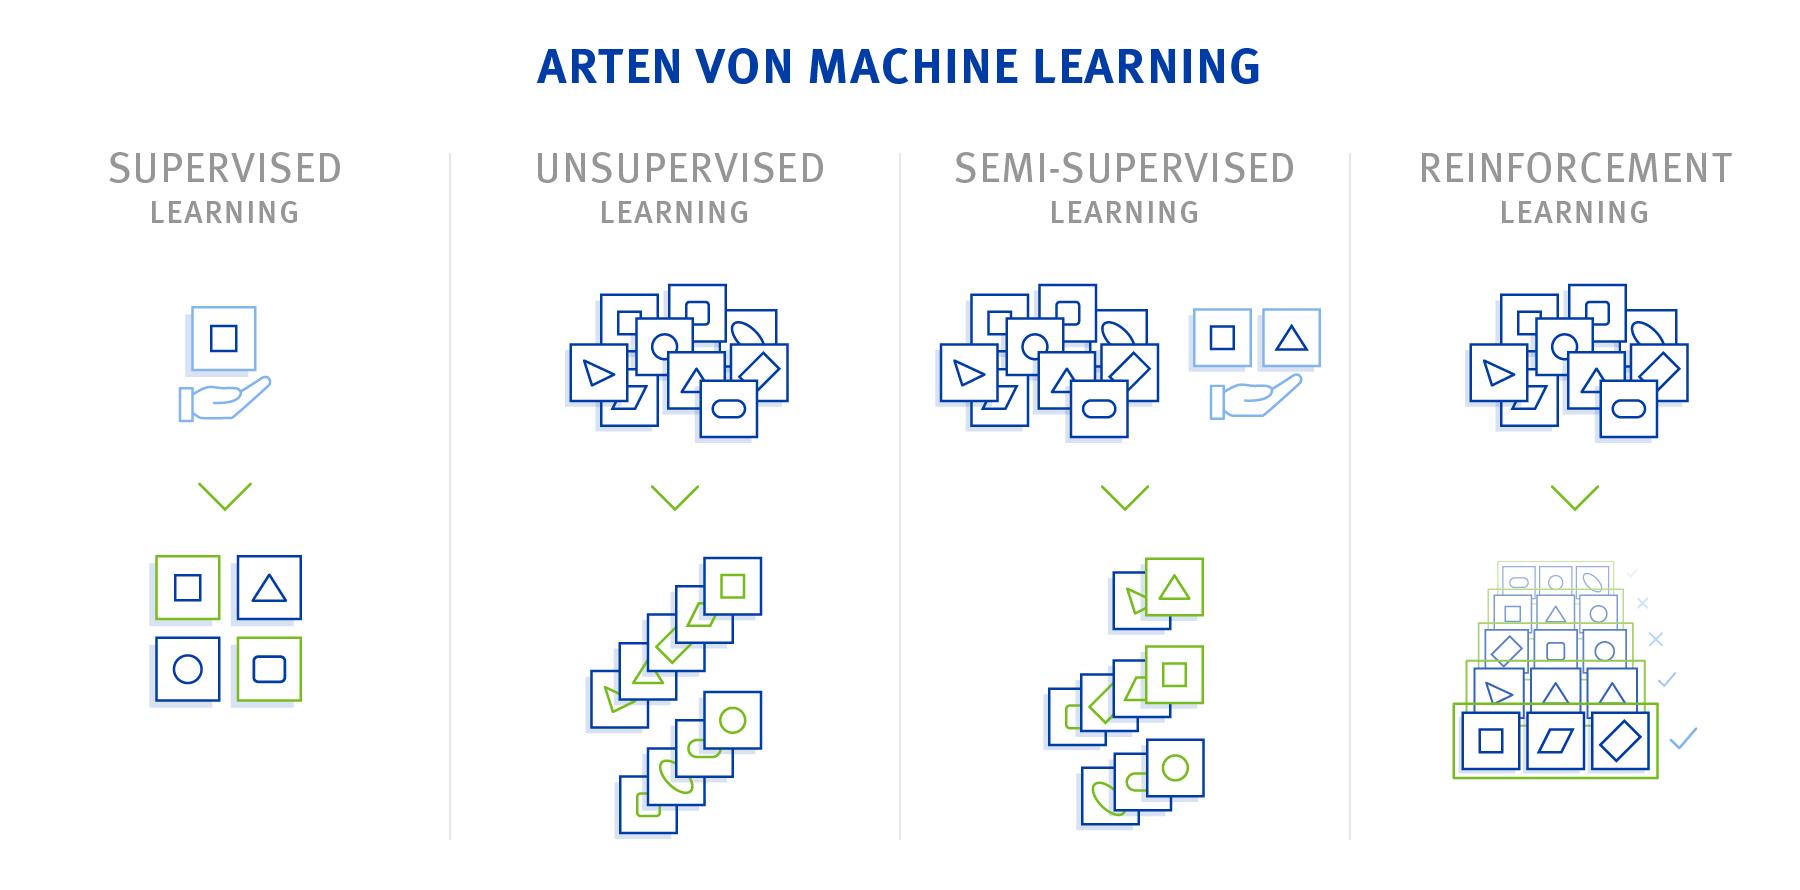 Arten von Machine Learning